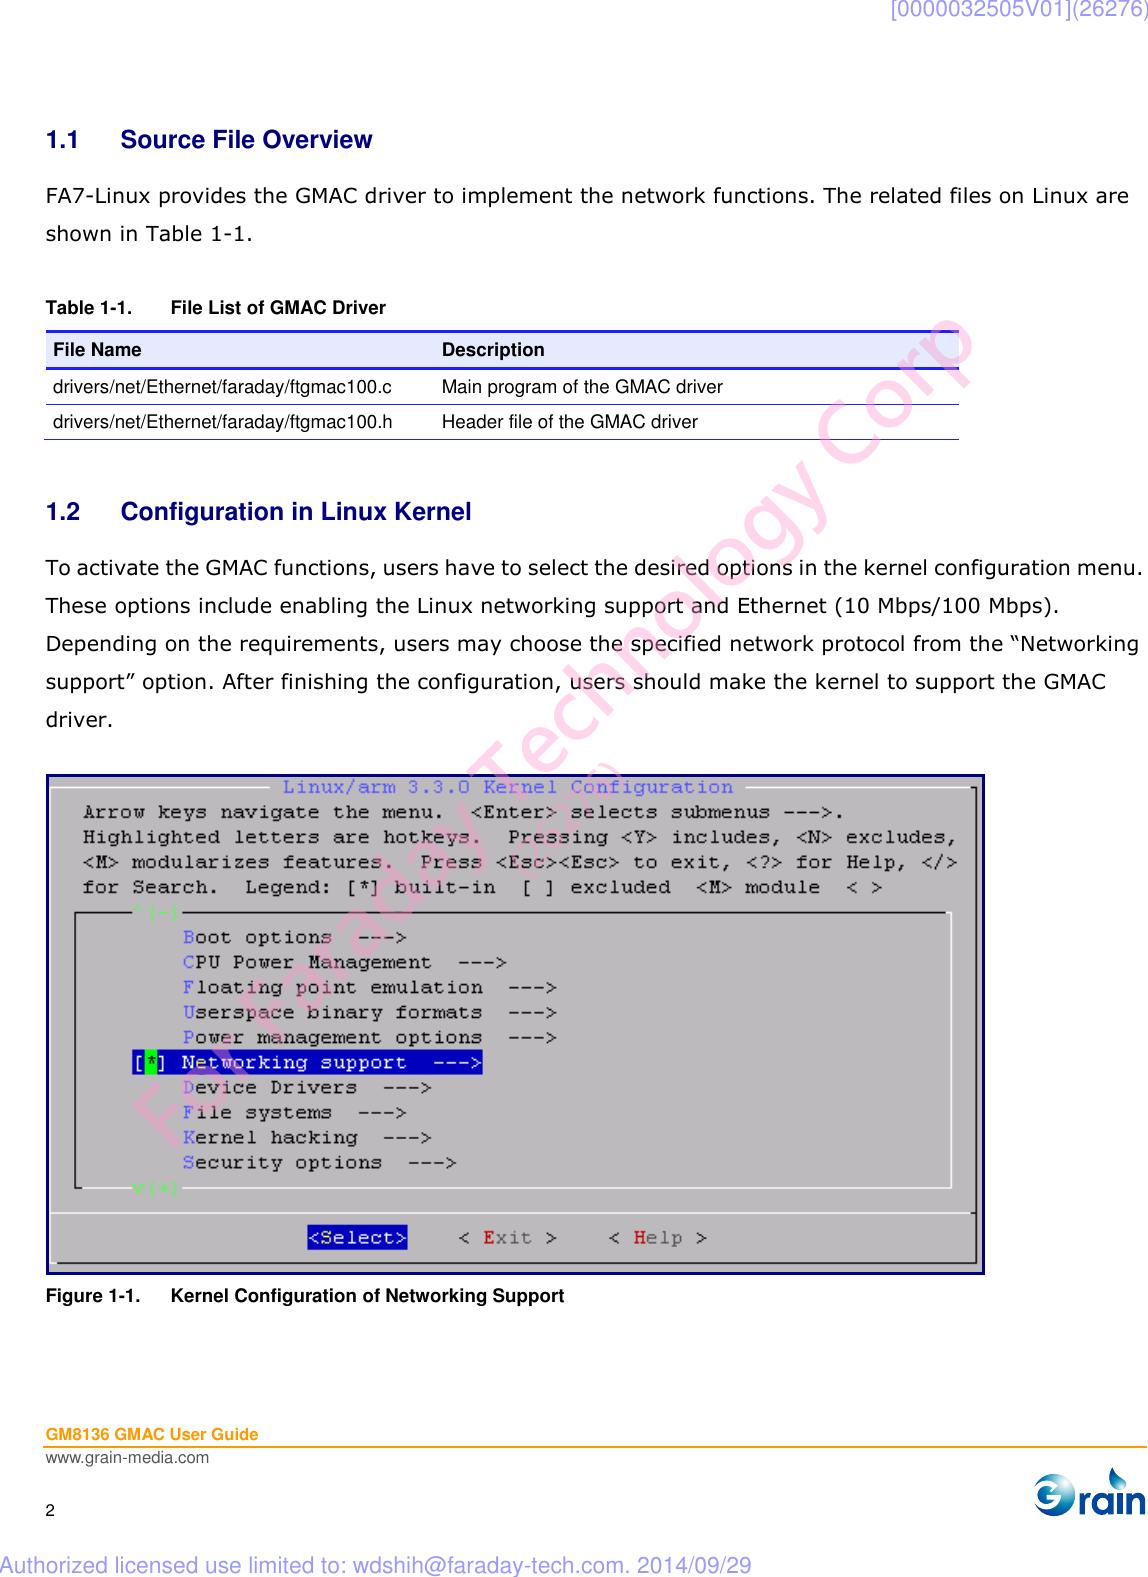 Description GM8136 GMAC User Guide V1 0